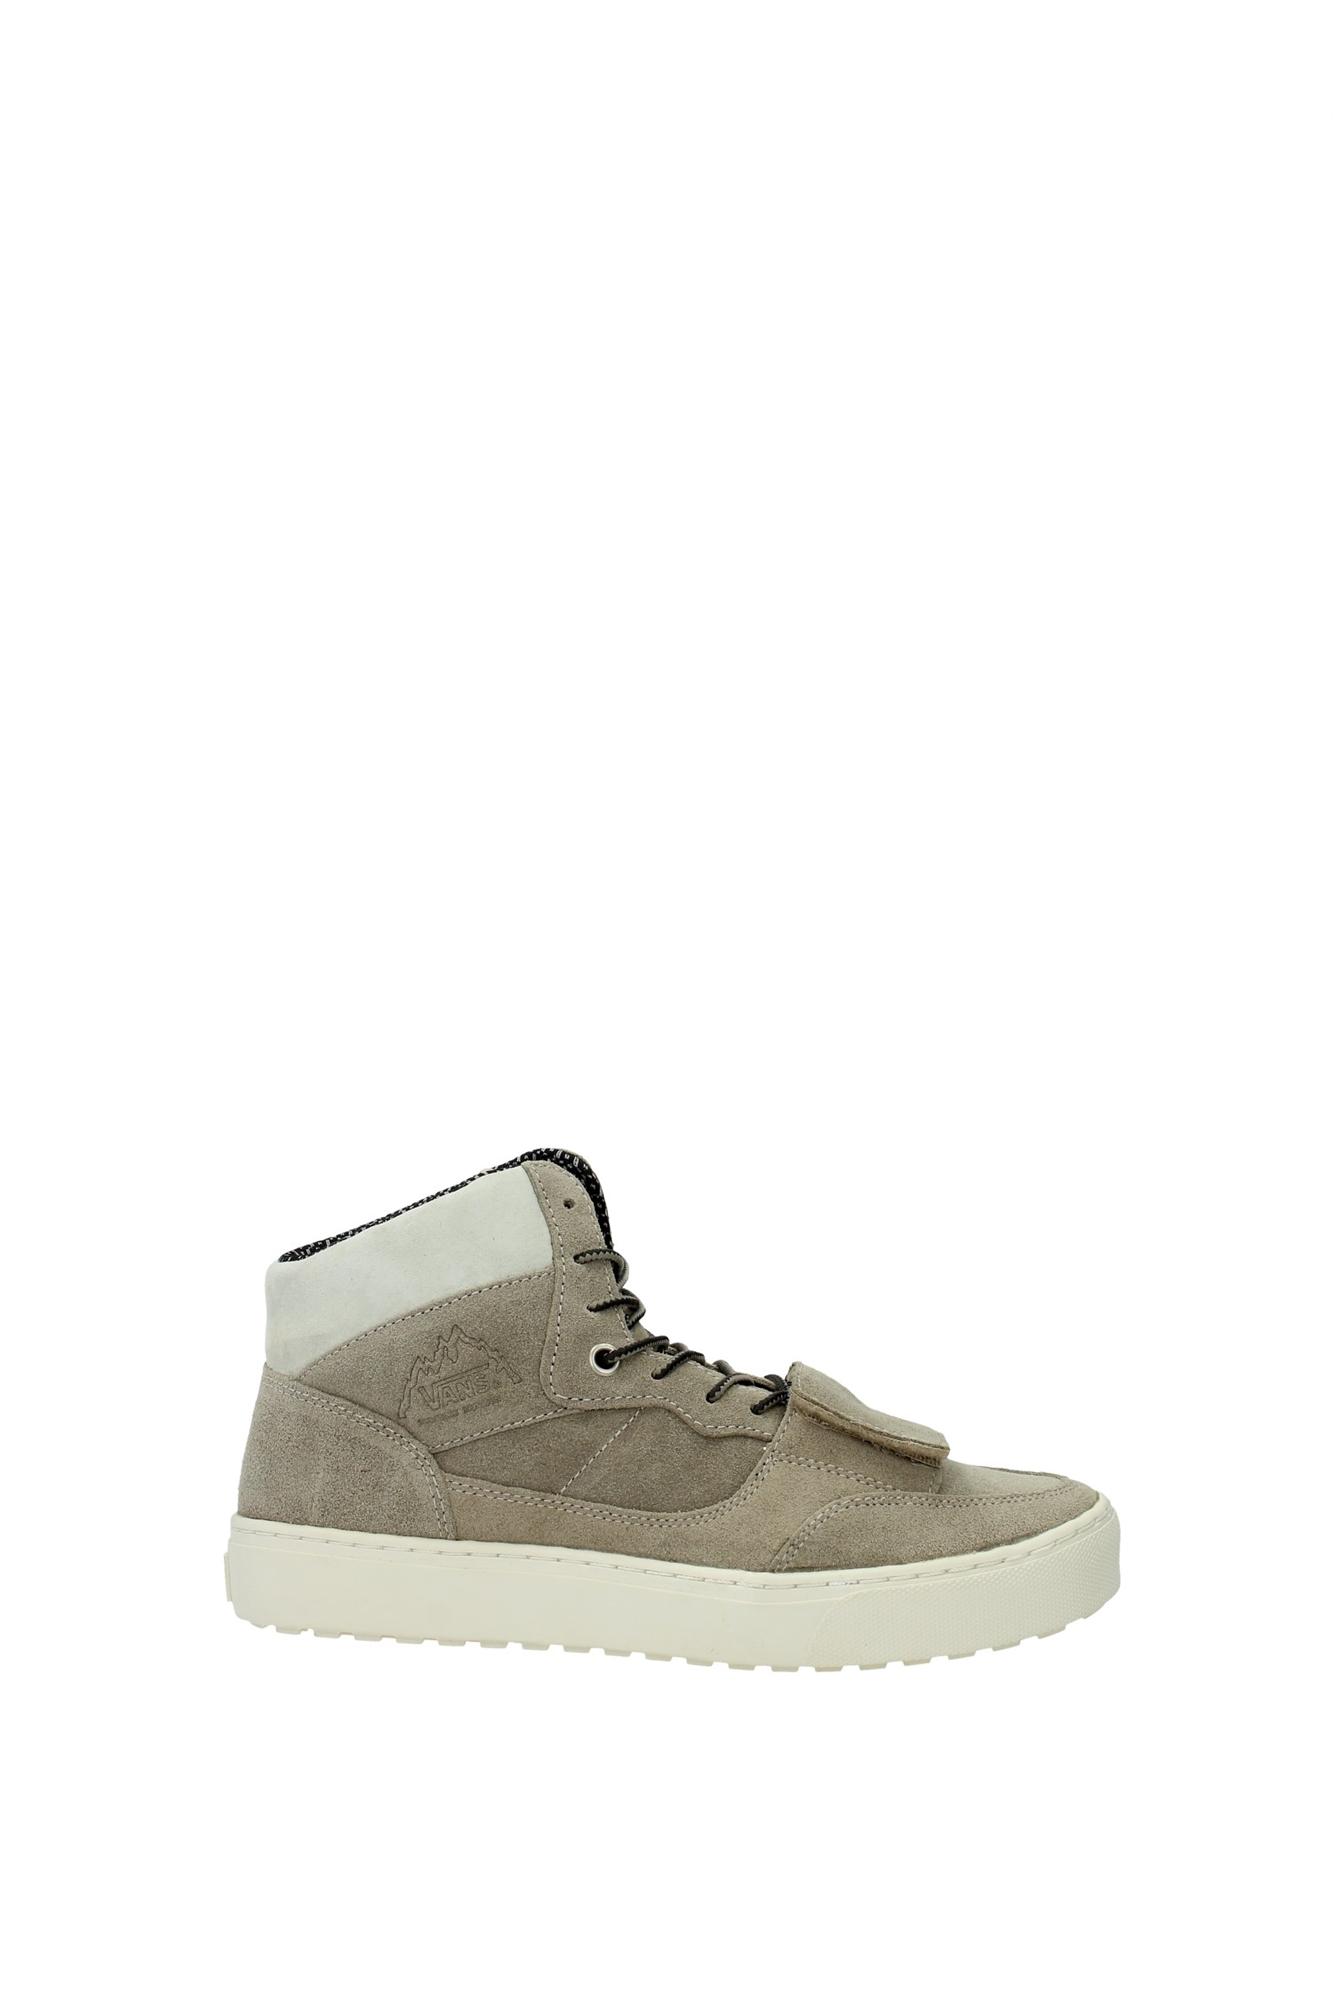 Sneakers Sneakers Vans Sneakers Uomo vn0a2xs5jy7hummus Vans Uomo vn0a2xs5jy7hummus Vans qrgvpqx